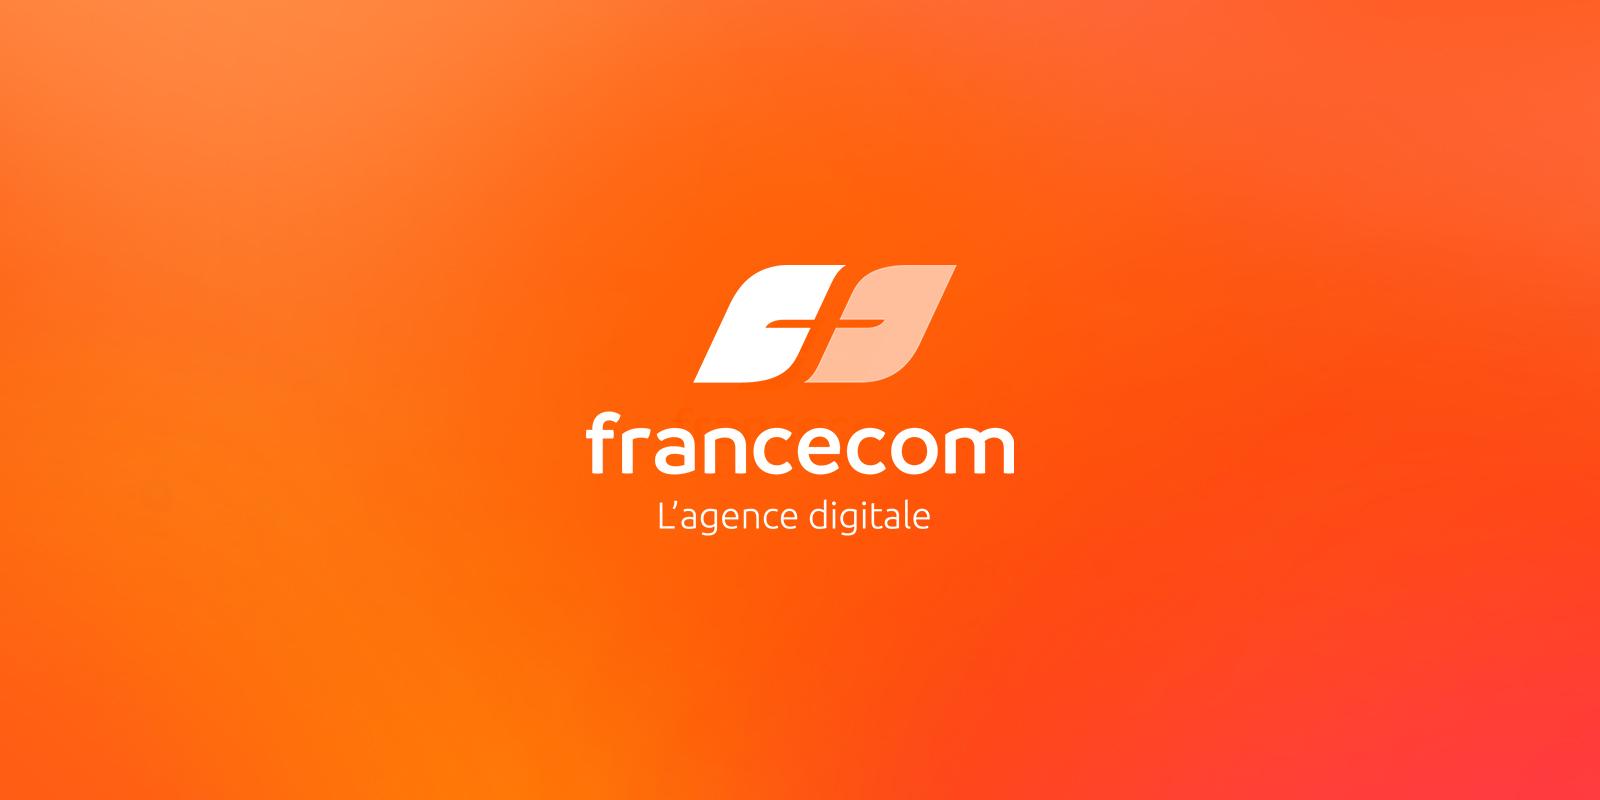 vignette francecom logo